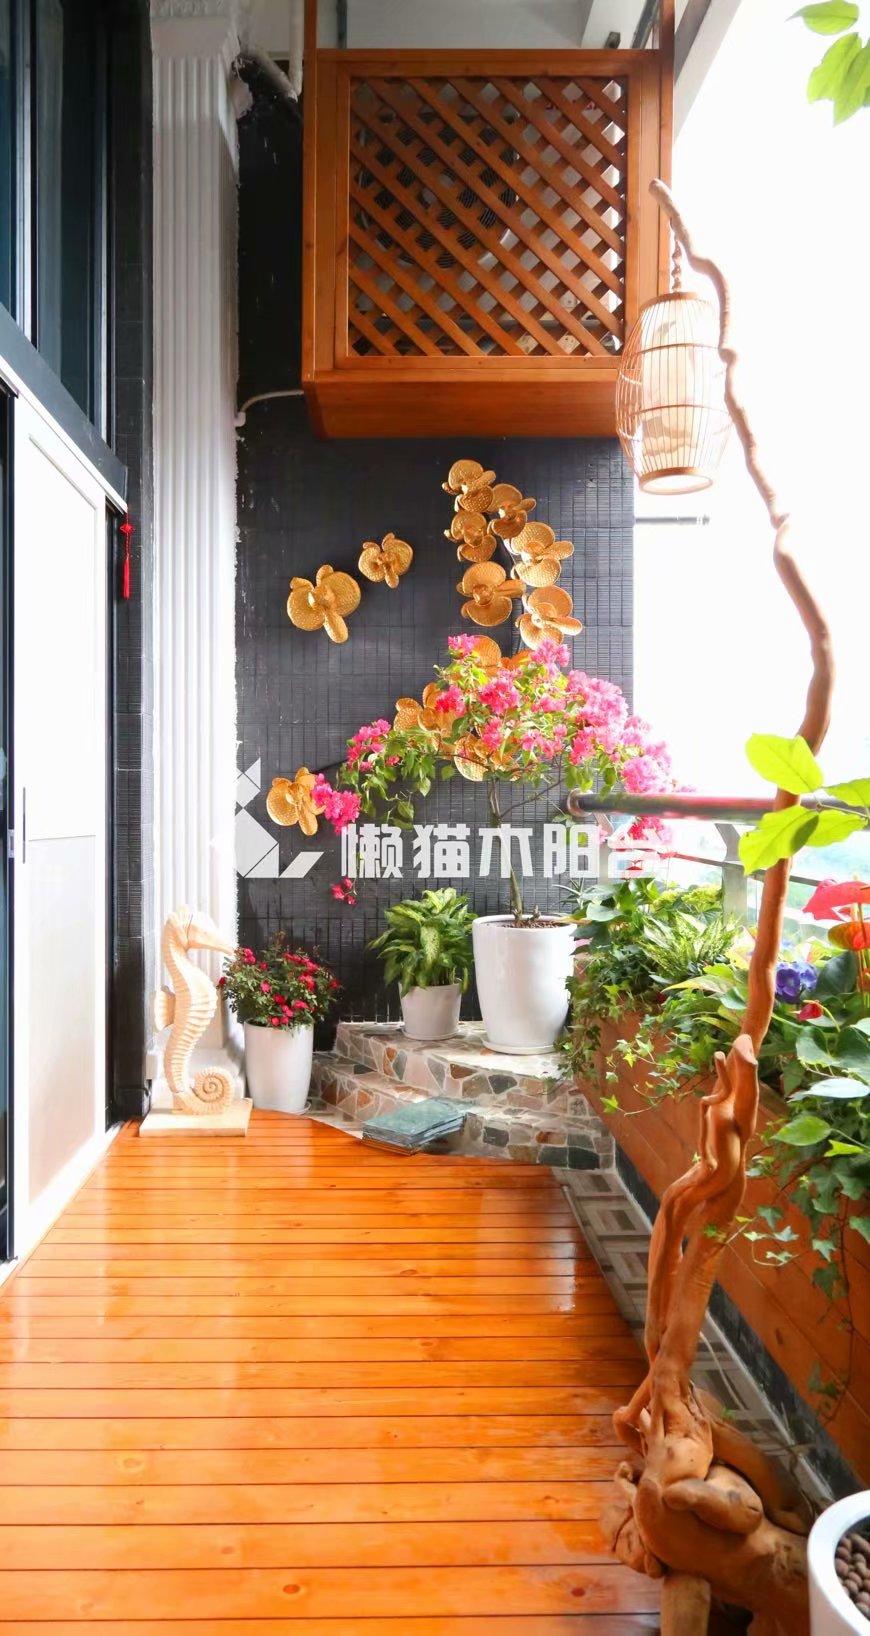 阳台改造图片020-84269609